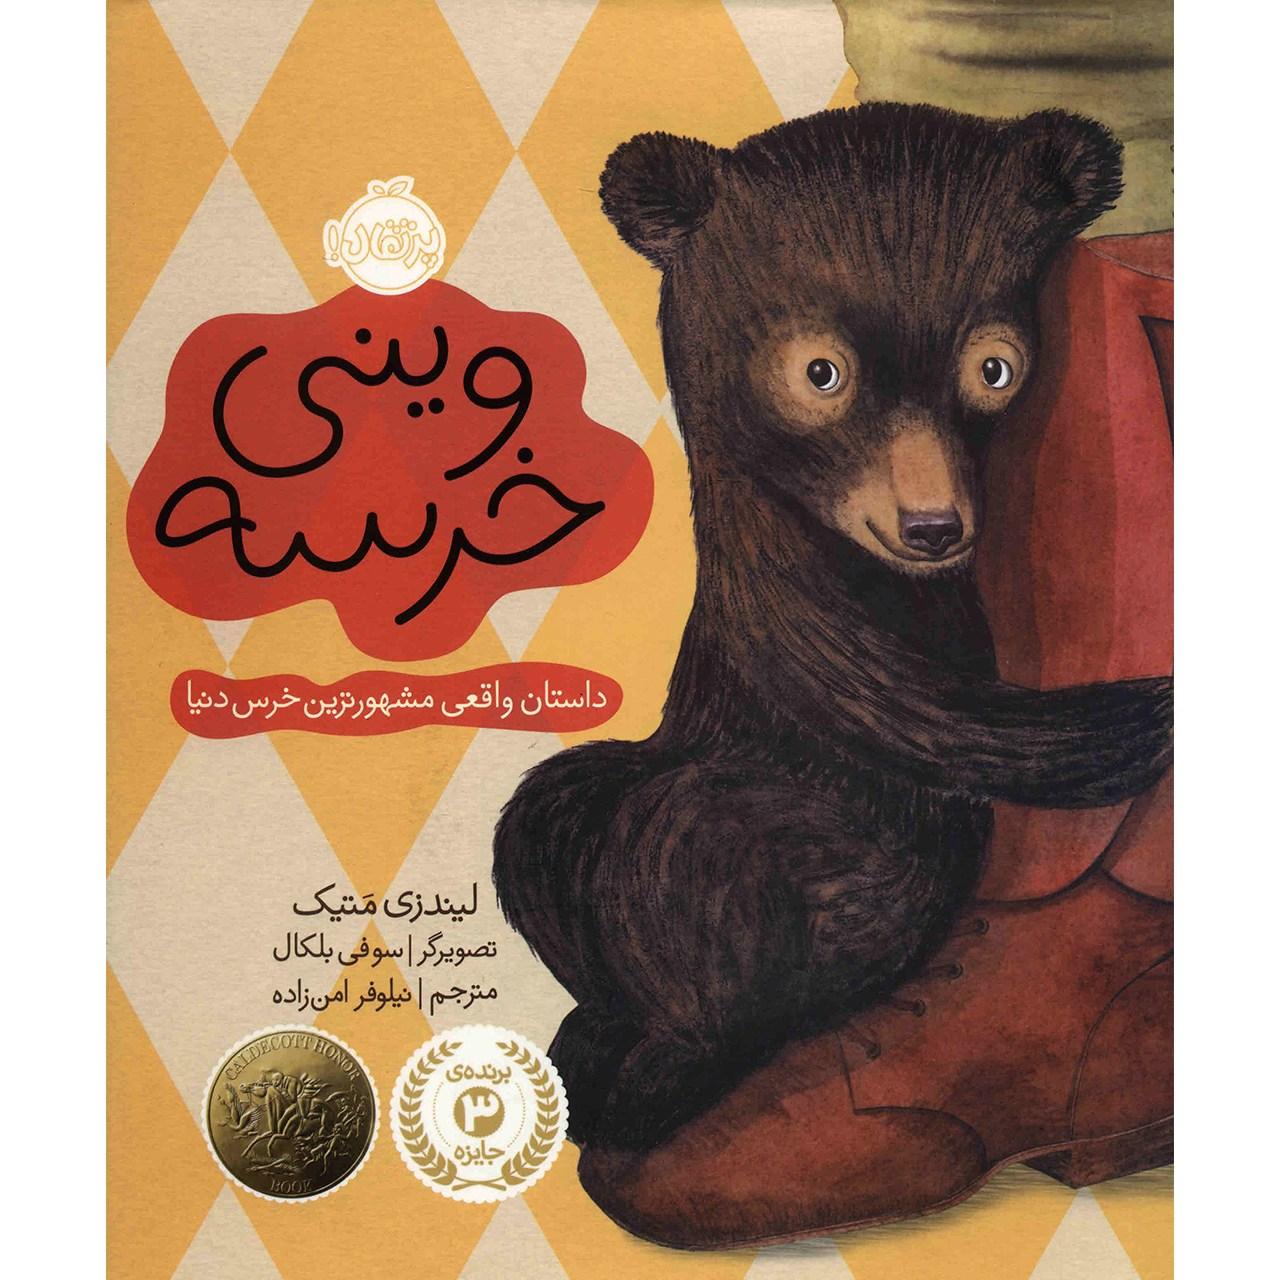 خرید                      کتاب وینی خرسه اثر لیندزی متیک